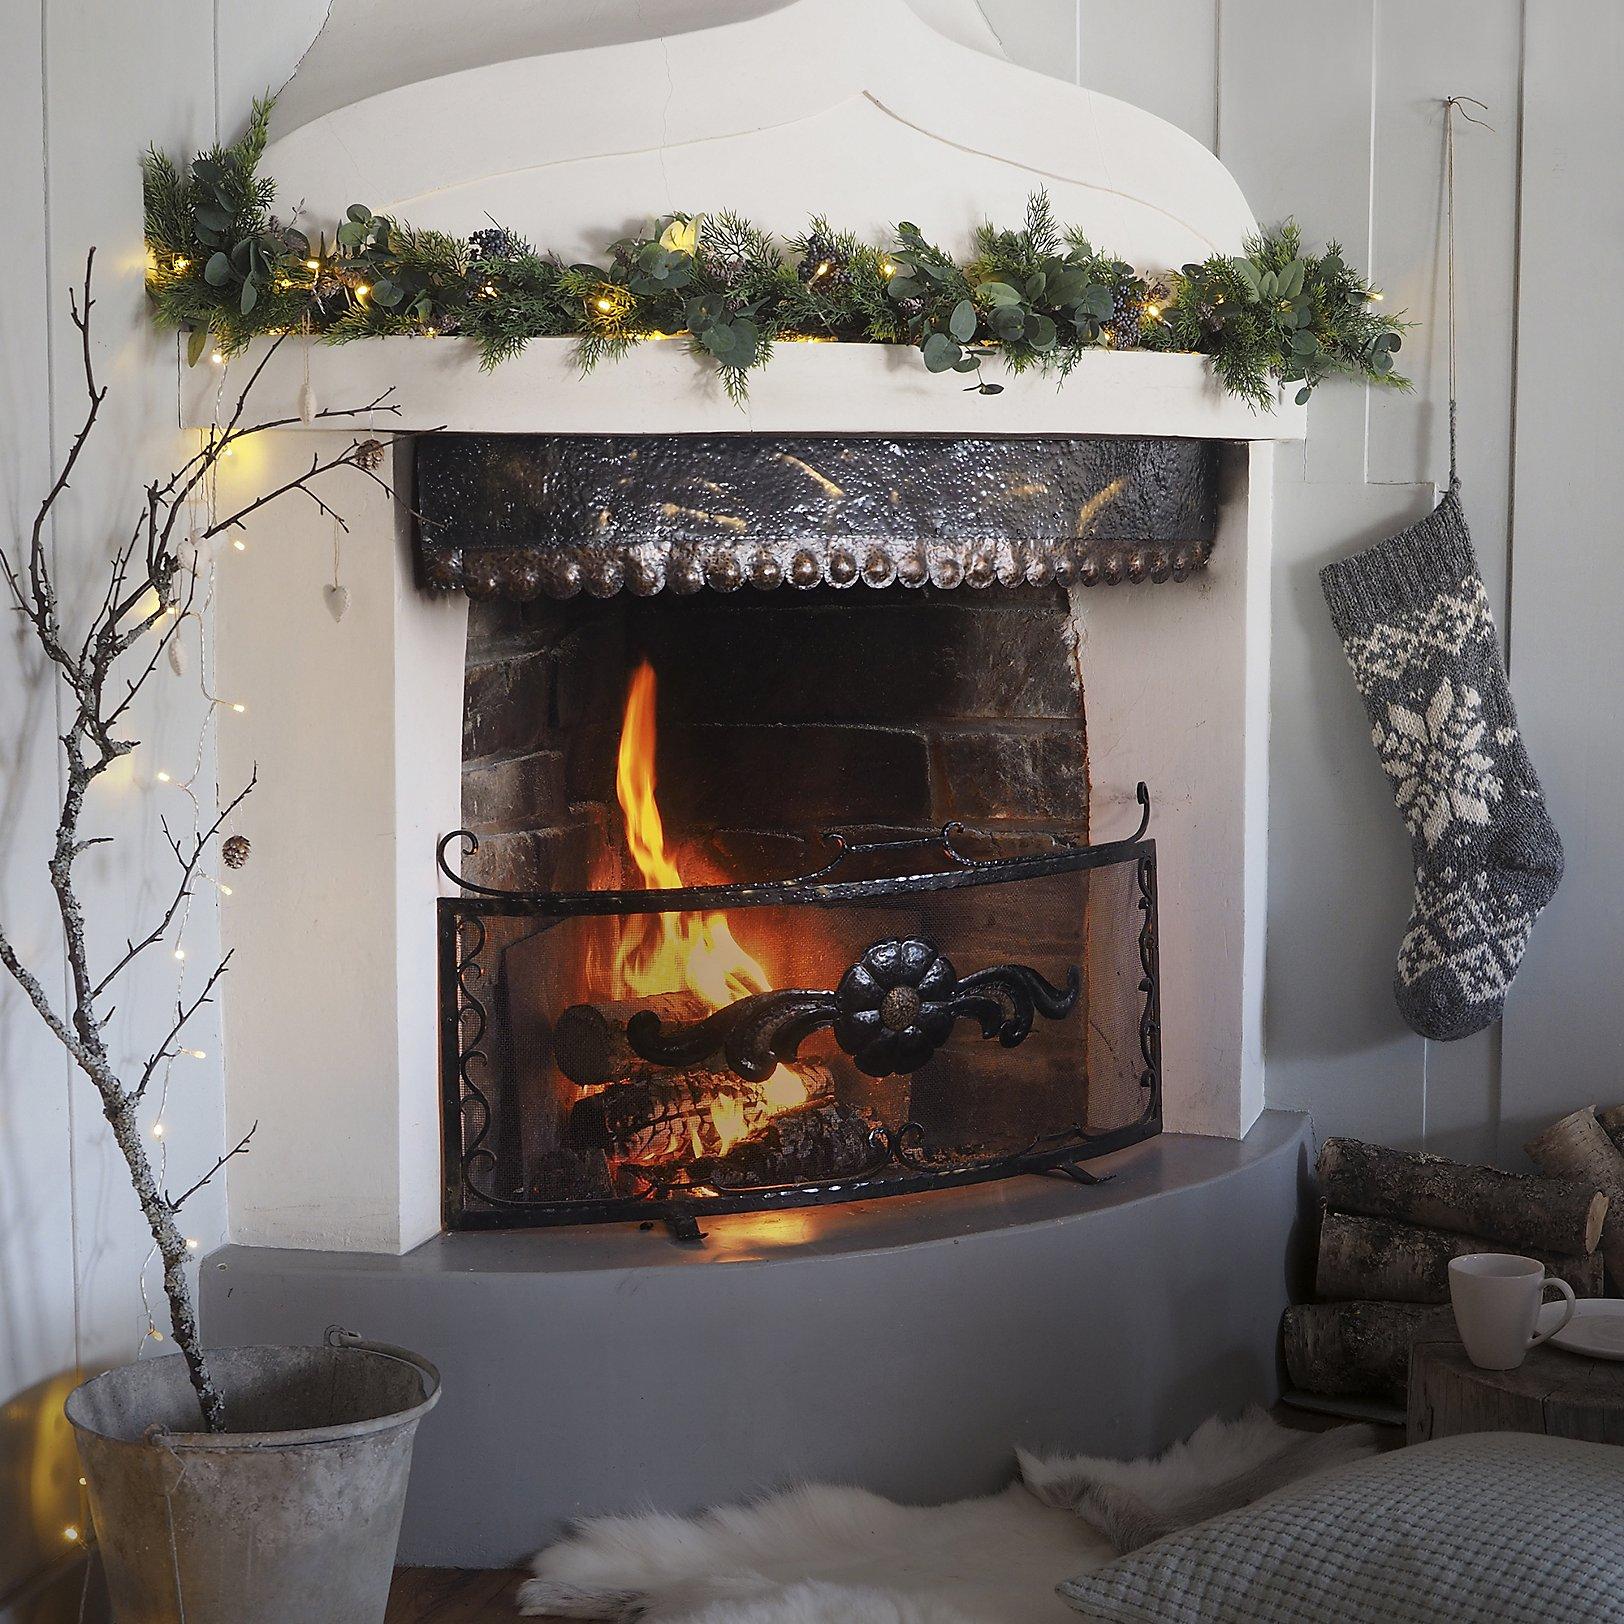 Delikatna girlanda nad kominkiem - ozdoby świąteczne domu